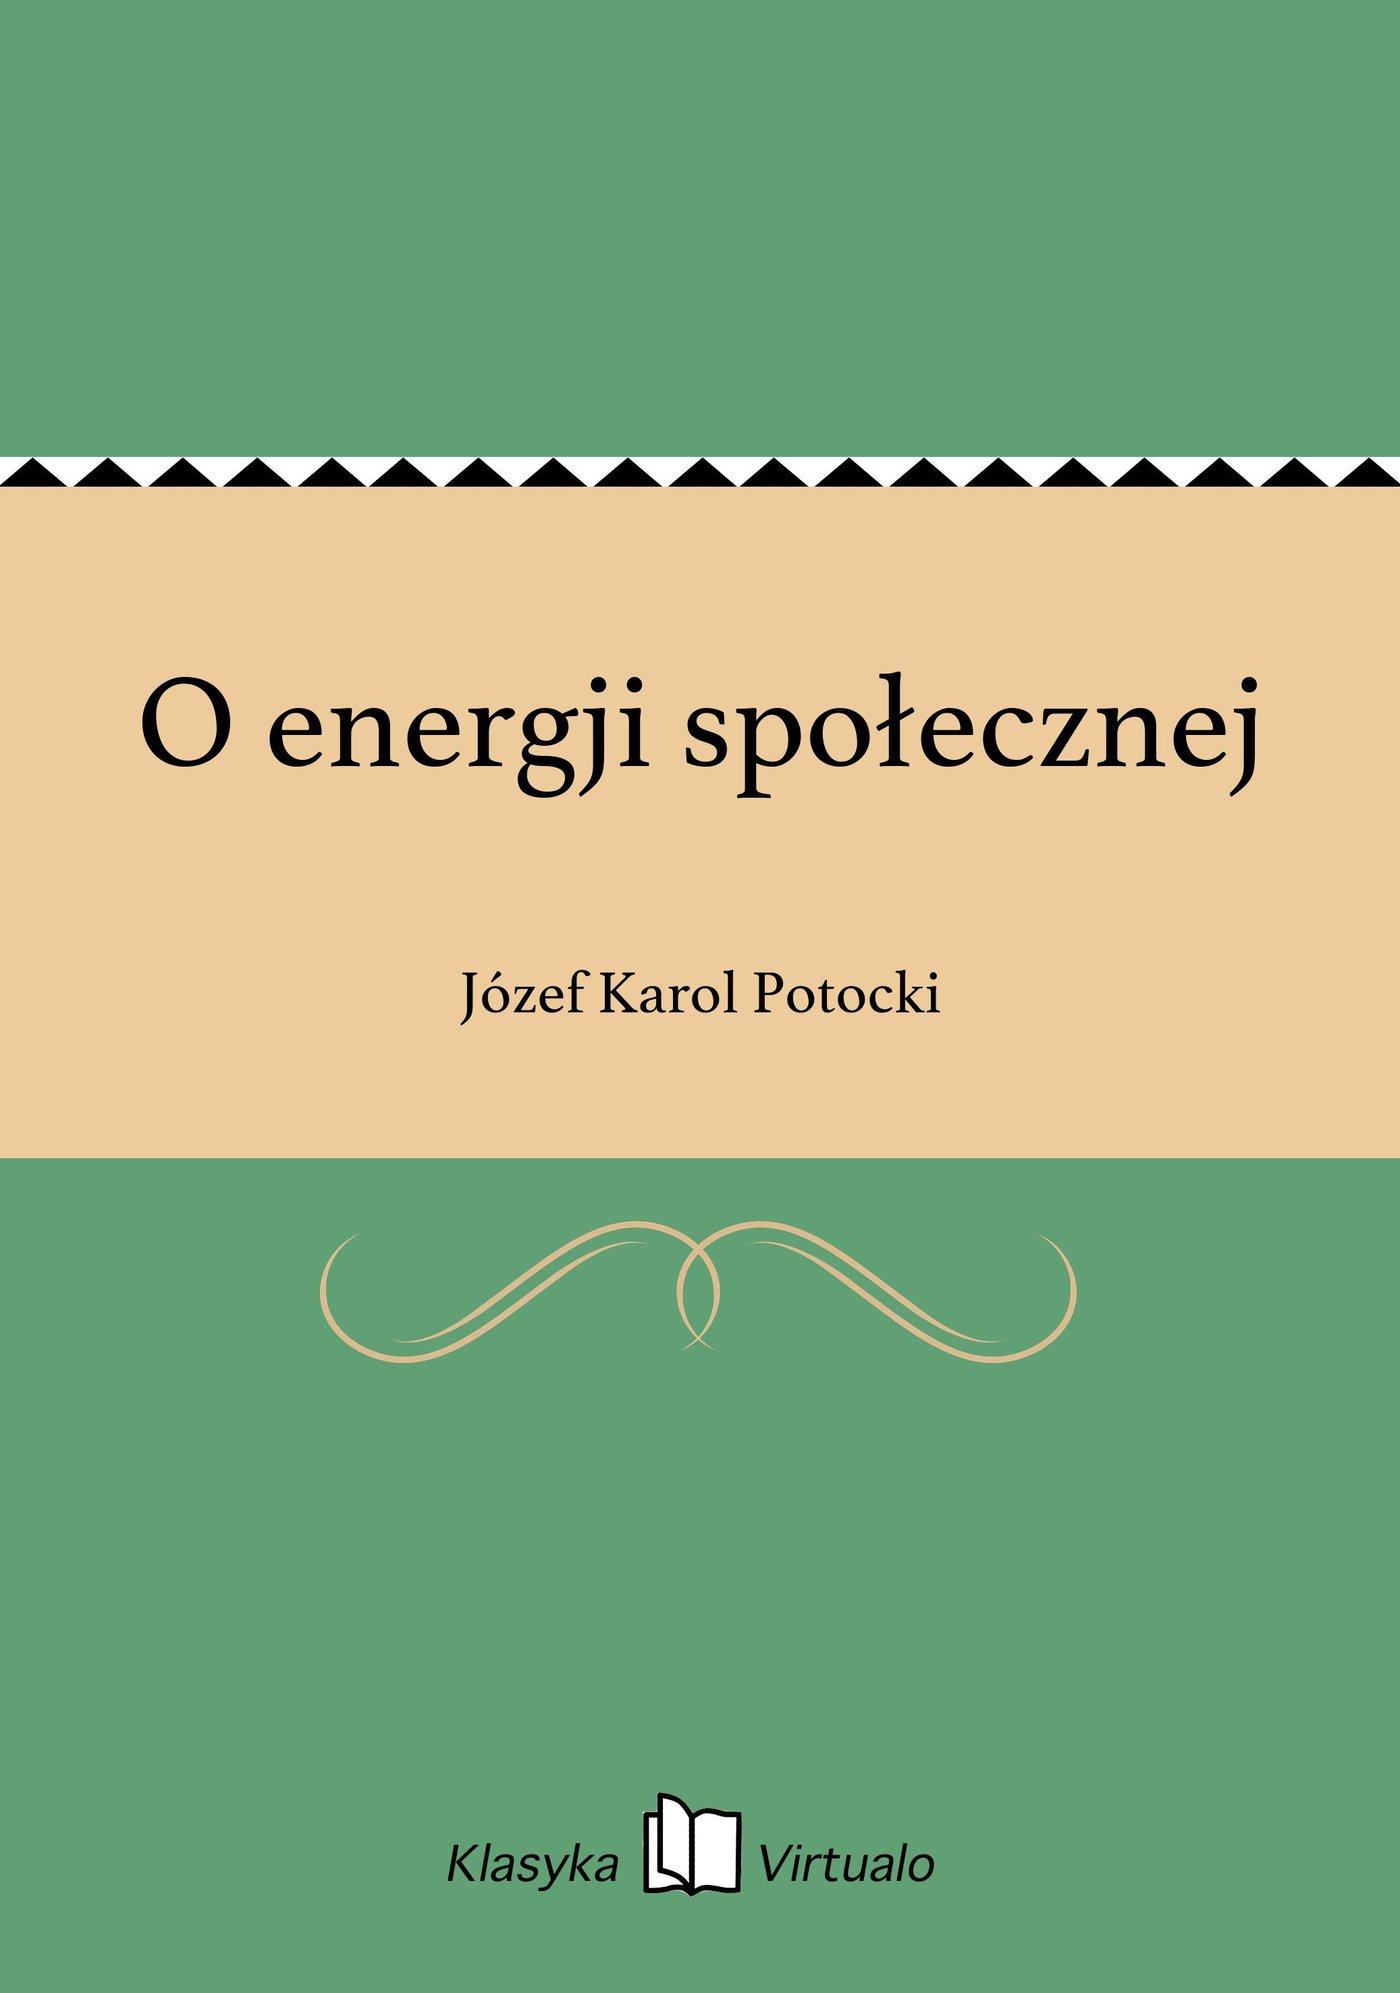 O energji społecznej - Ebook (Książka EPUB) do pobrania w formacie EPUB